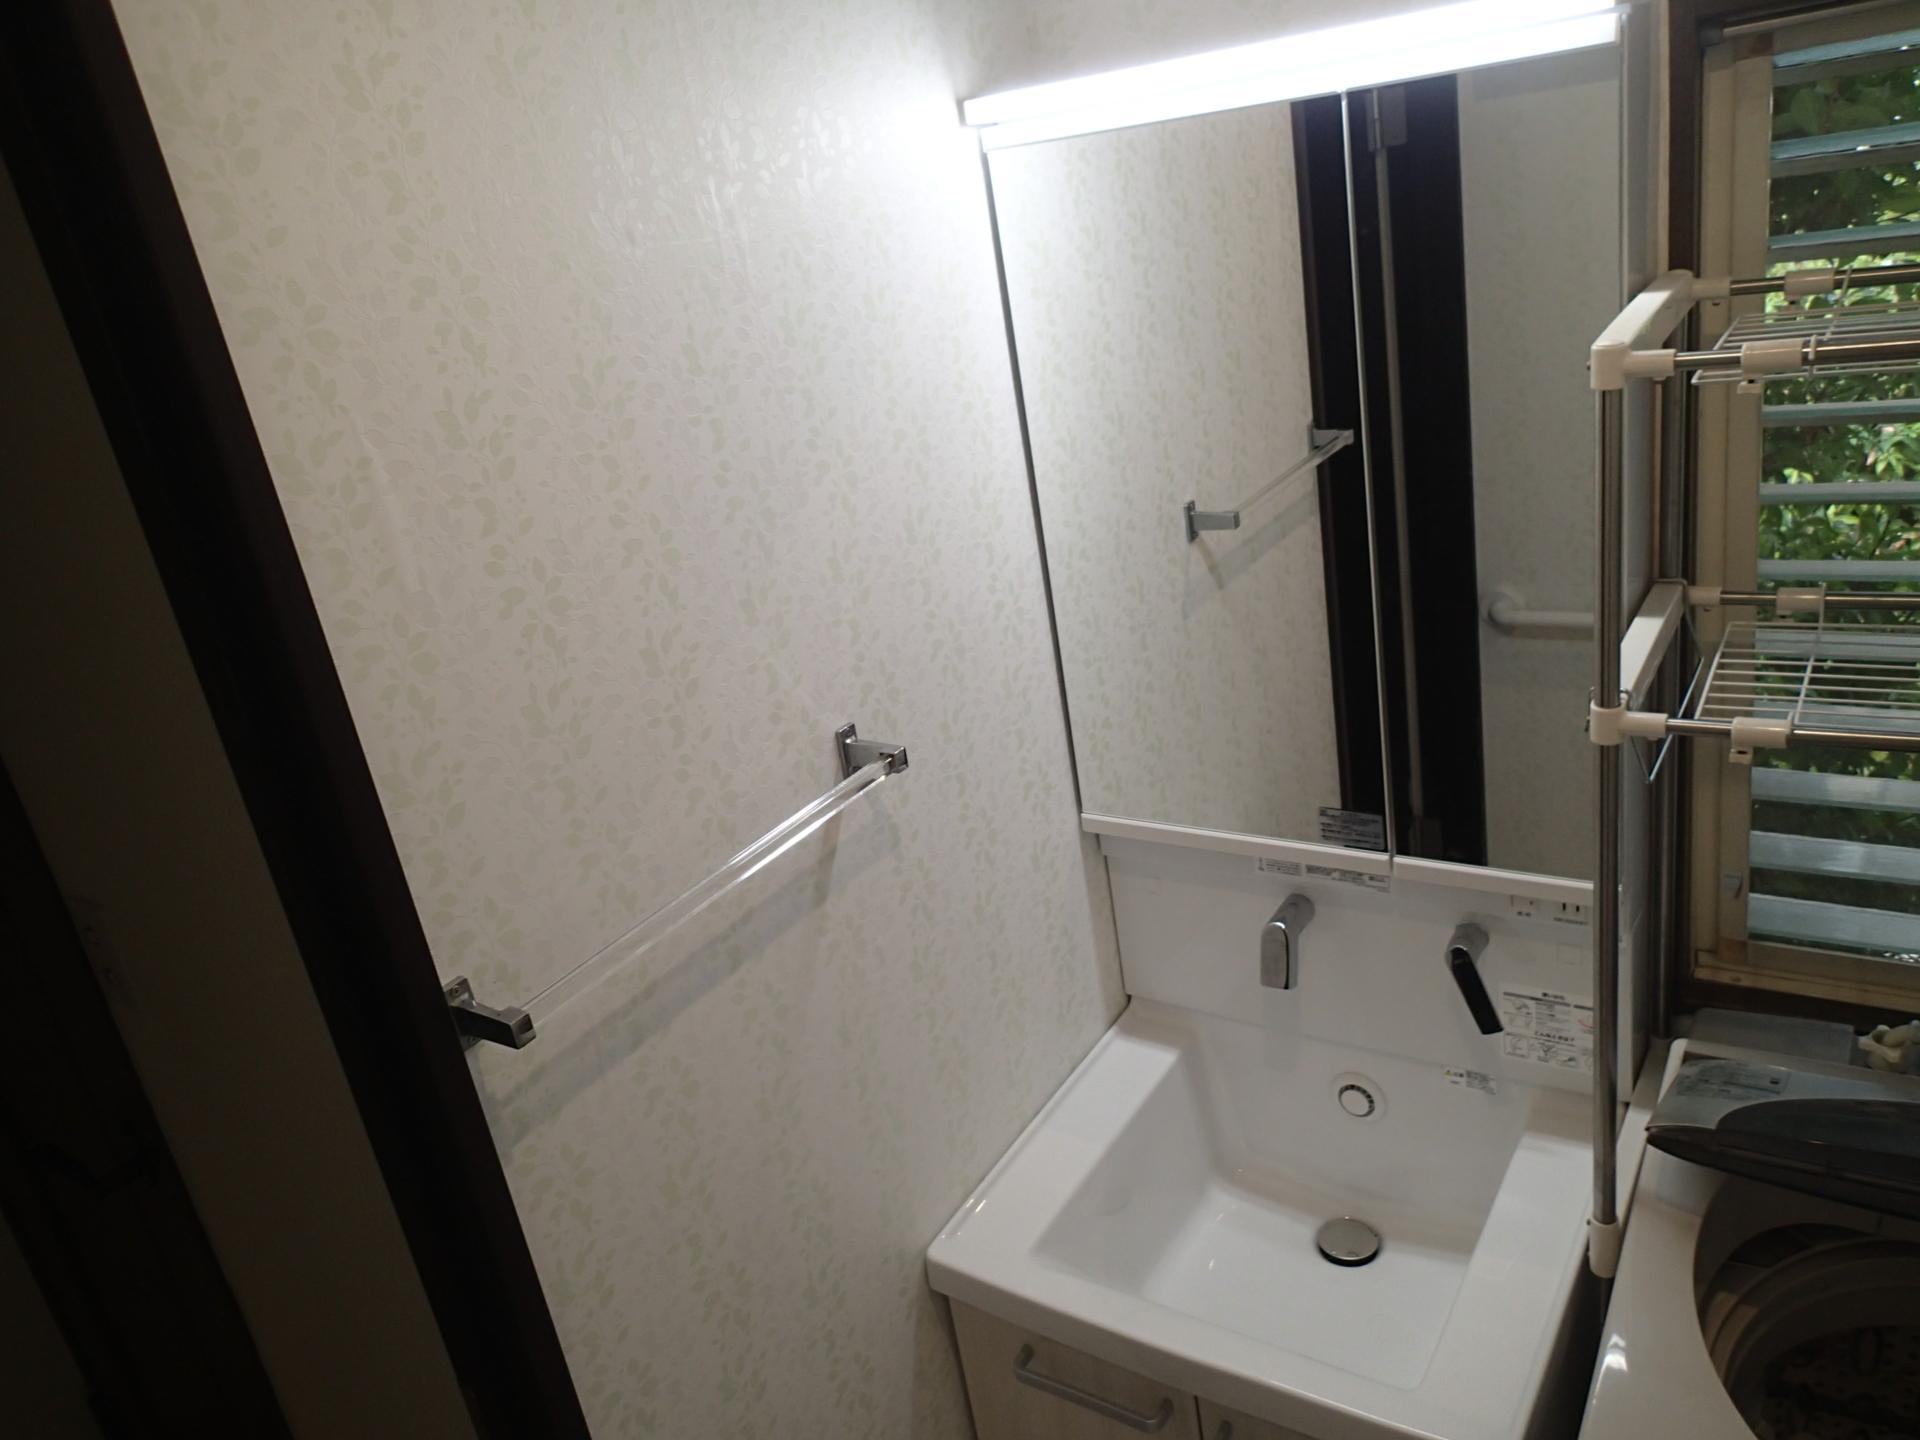 コンパクトでも使い勝手のよい洗面化粧台。